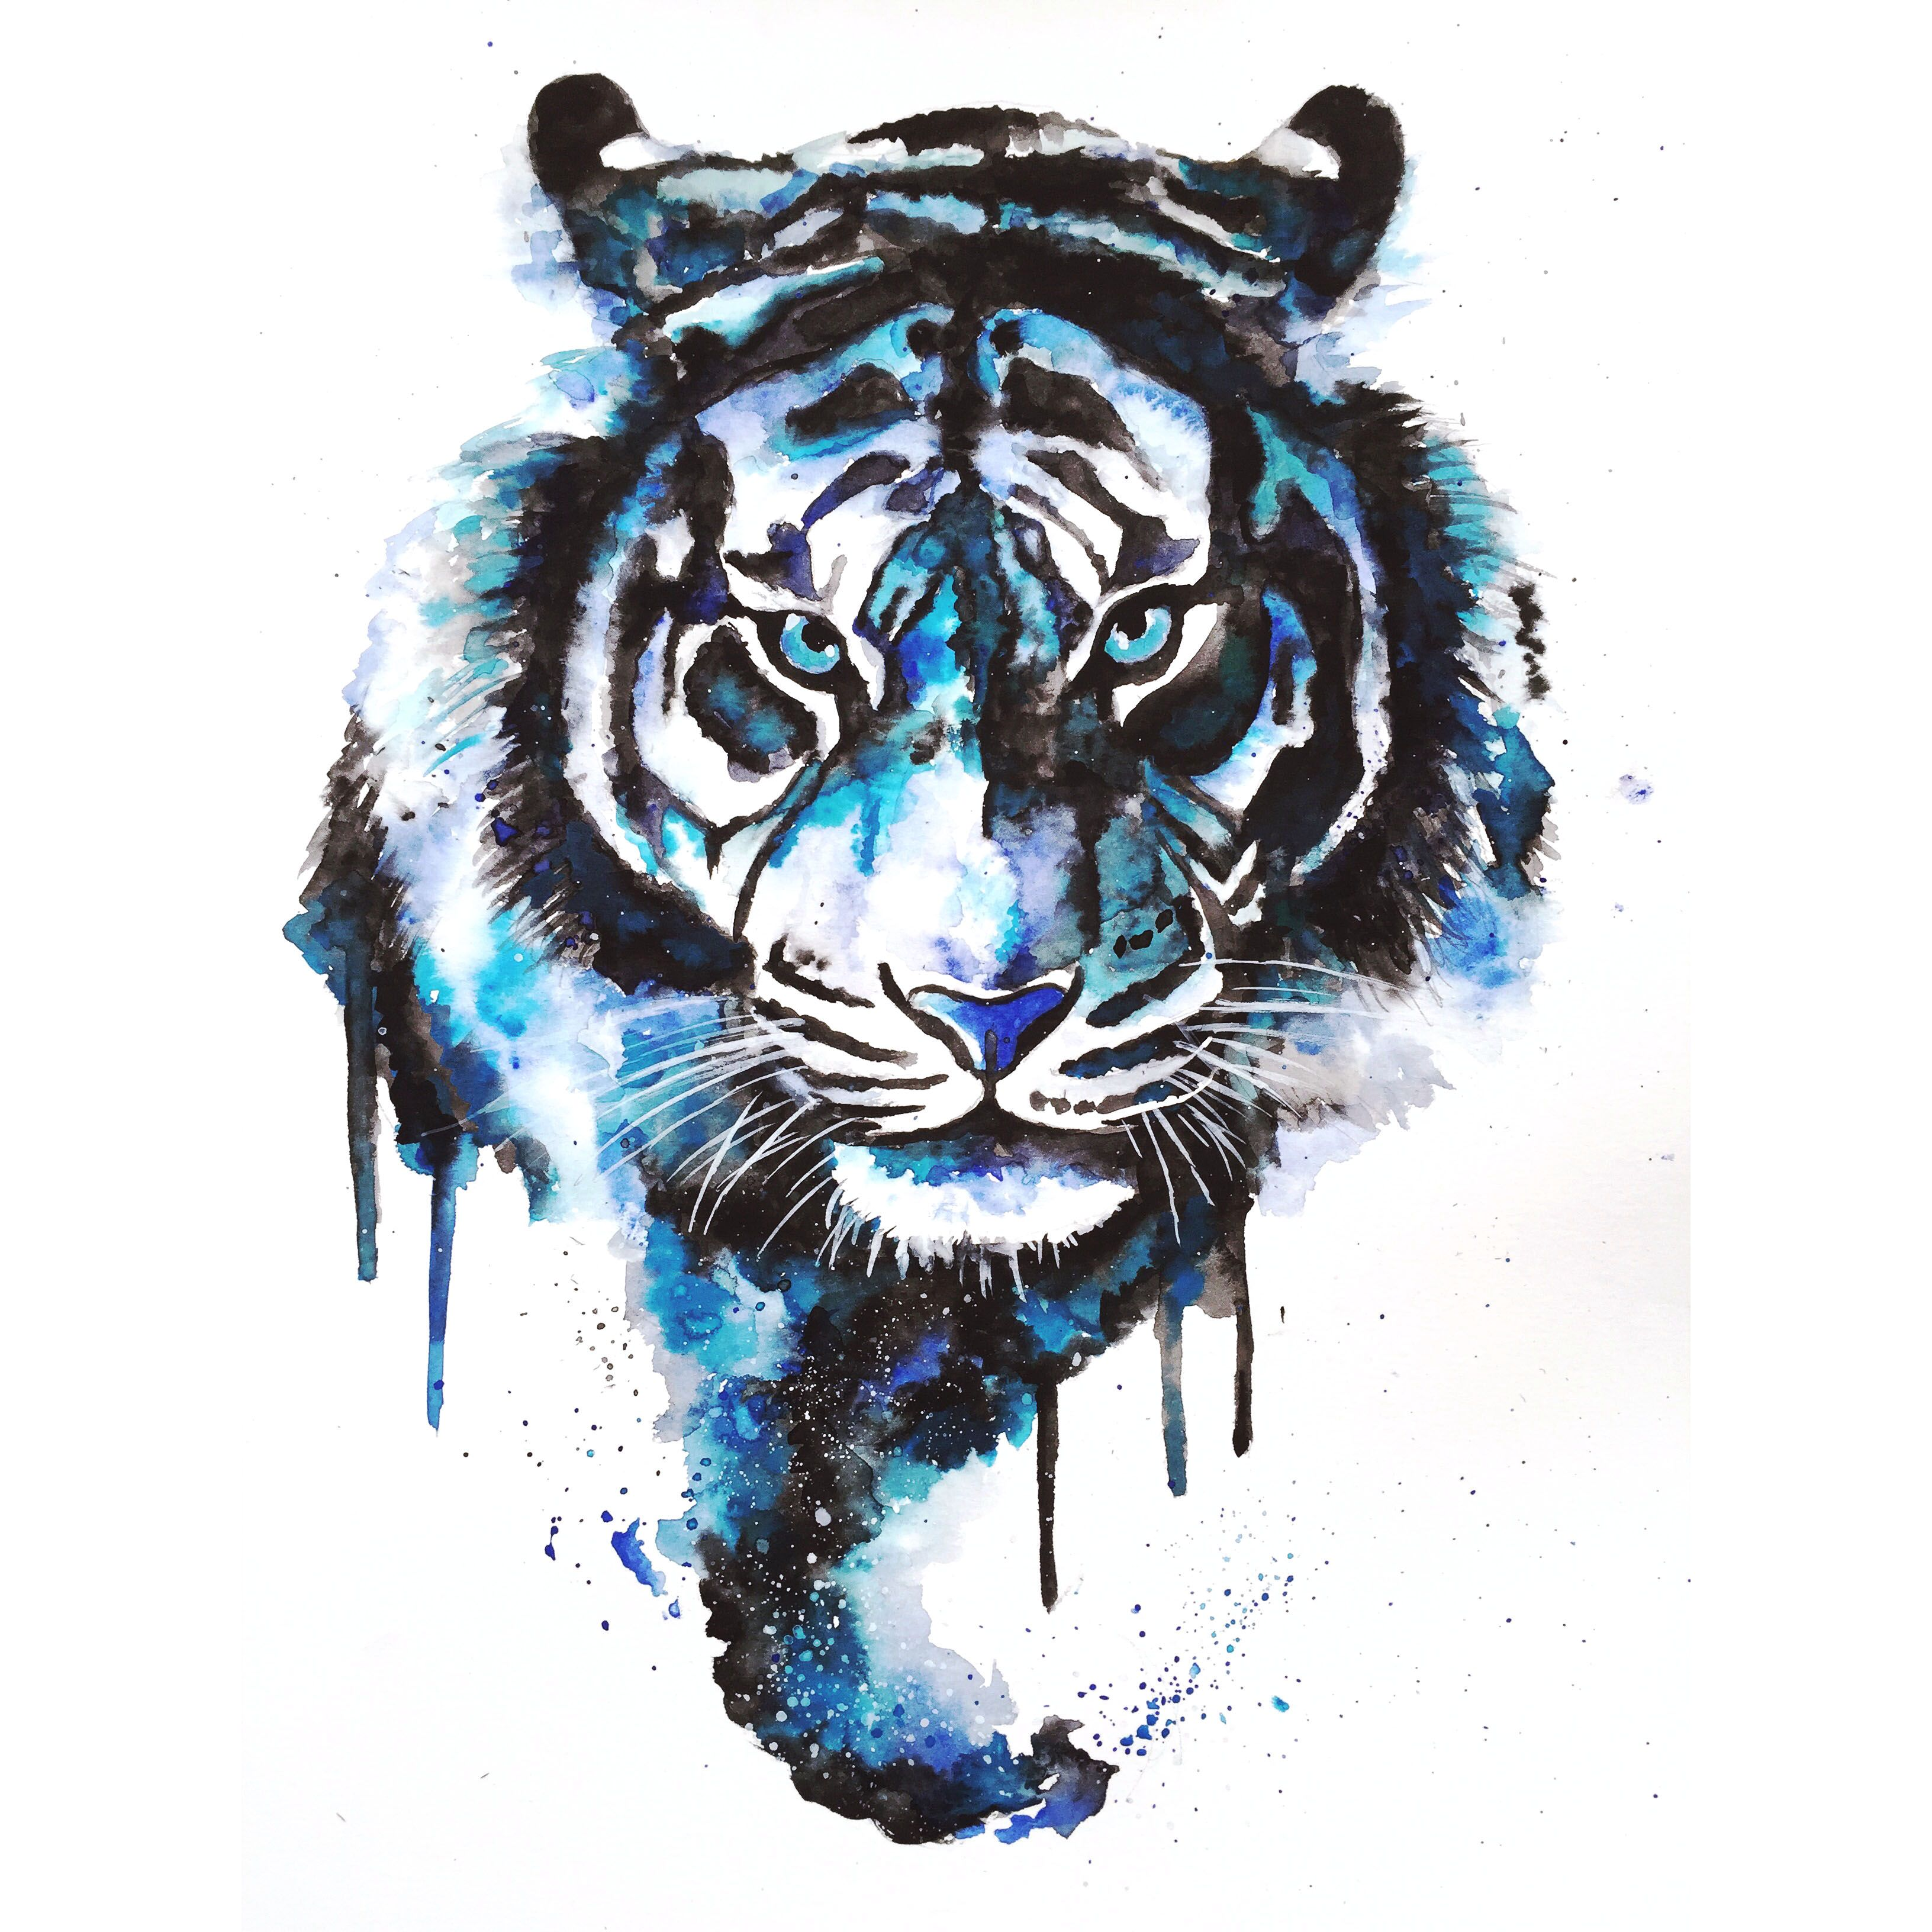 Tigres Tigre de acuarela, Tatuaje de tigre, Tatuajes perros